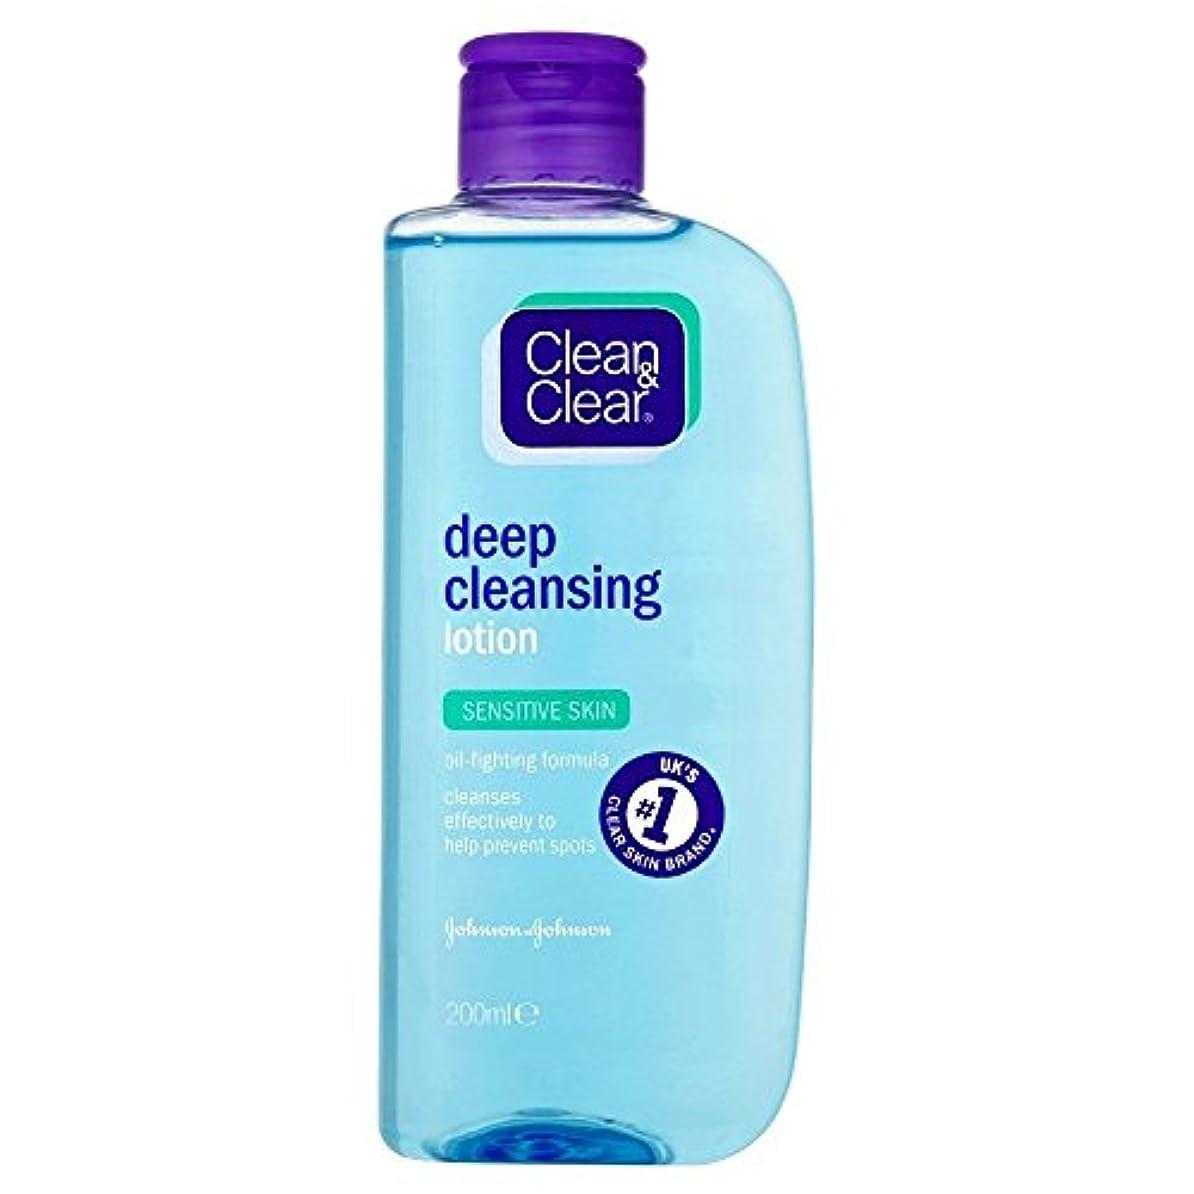 頼るワゴンブリッジClean & Clear Deep Cleansing Lotion - Sensitive (200ml) クリーンで明確なディープクレンジングローション - 感受性( 200ミリリットル) [並行輸入品]